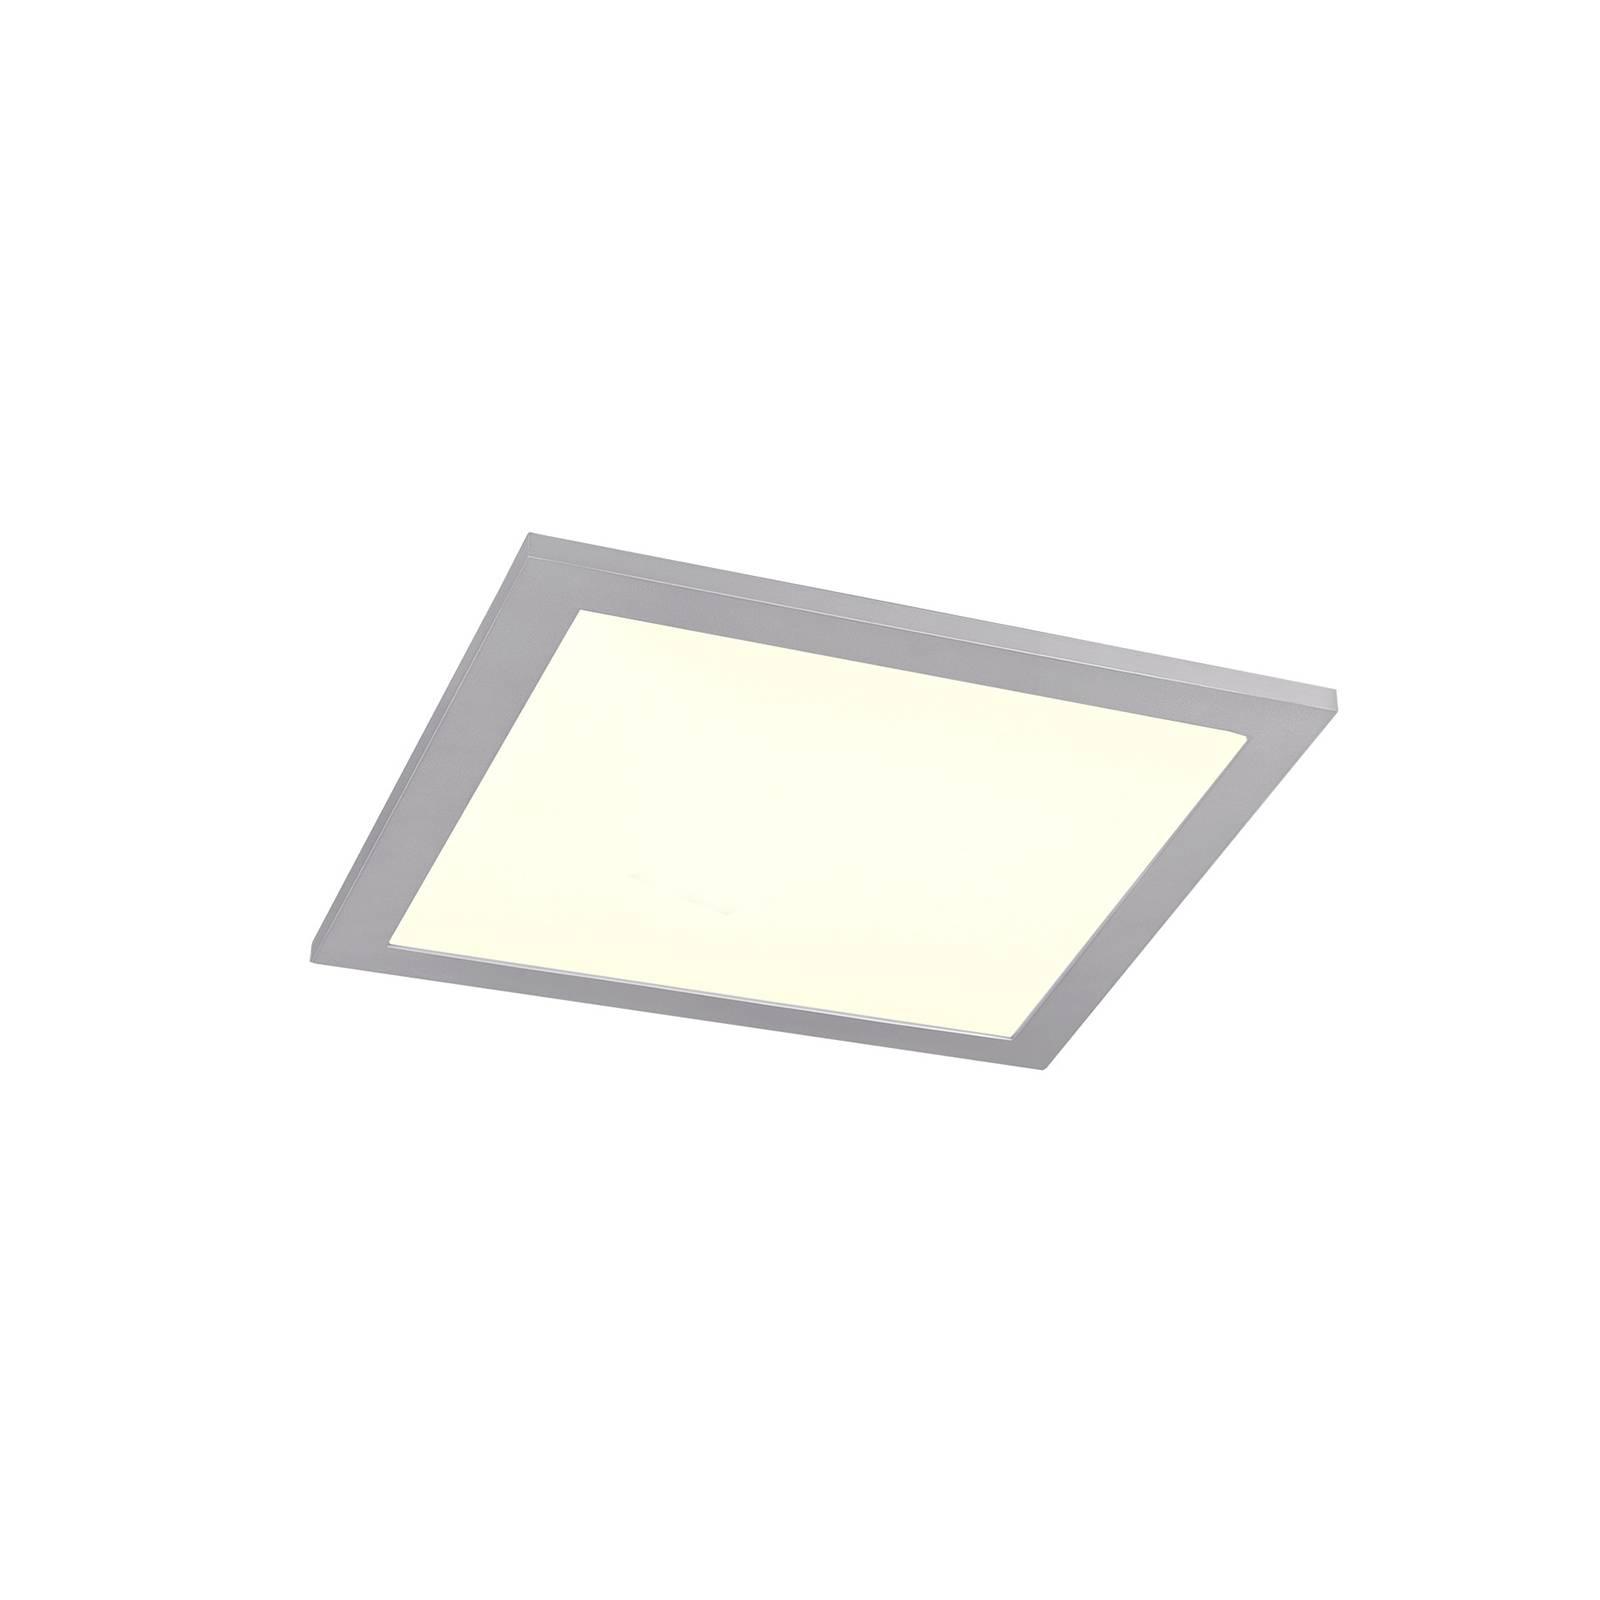 LED-Deckenleuchte Alima, CCT, WiZ, 29,5 x 29,5 cm